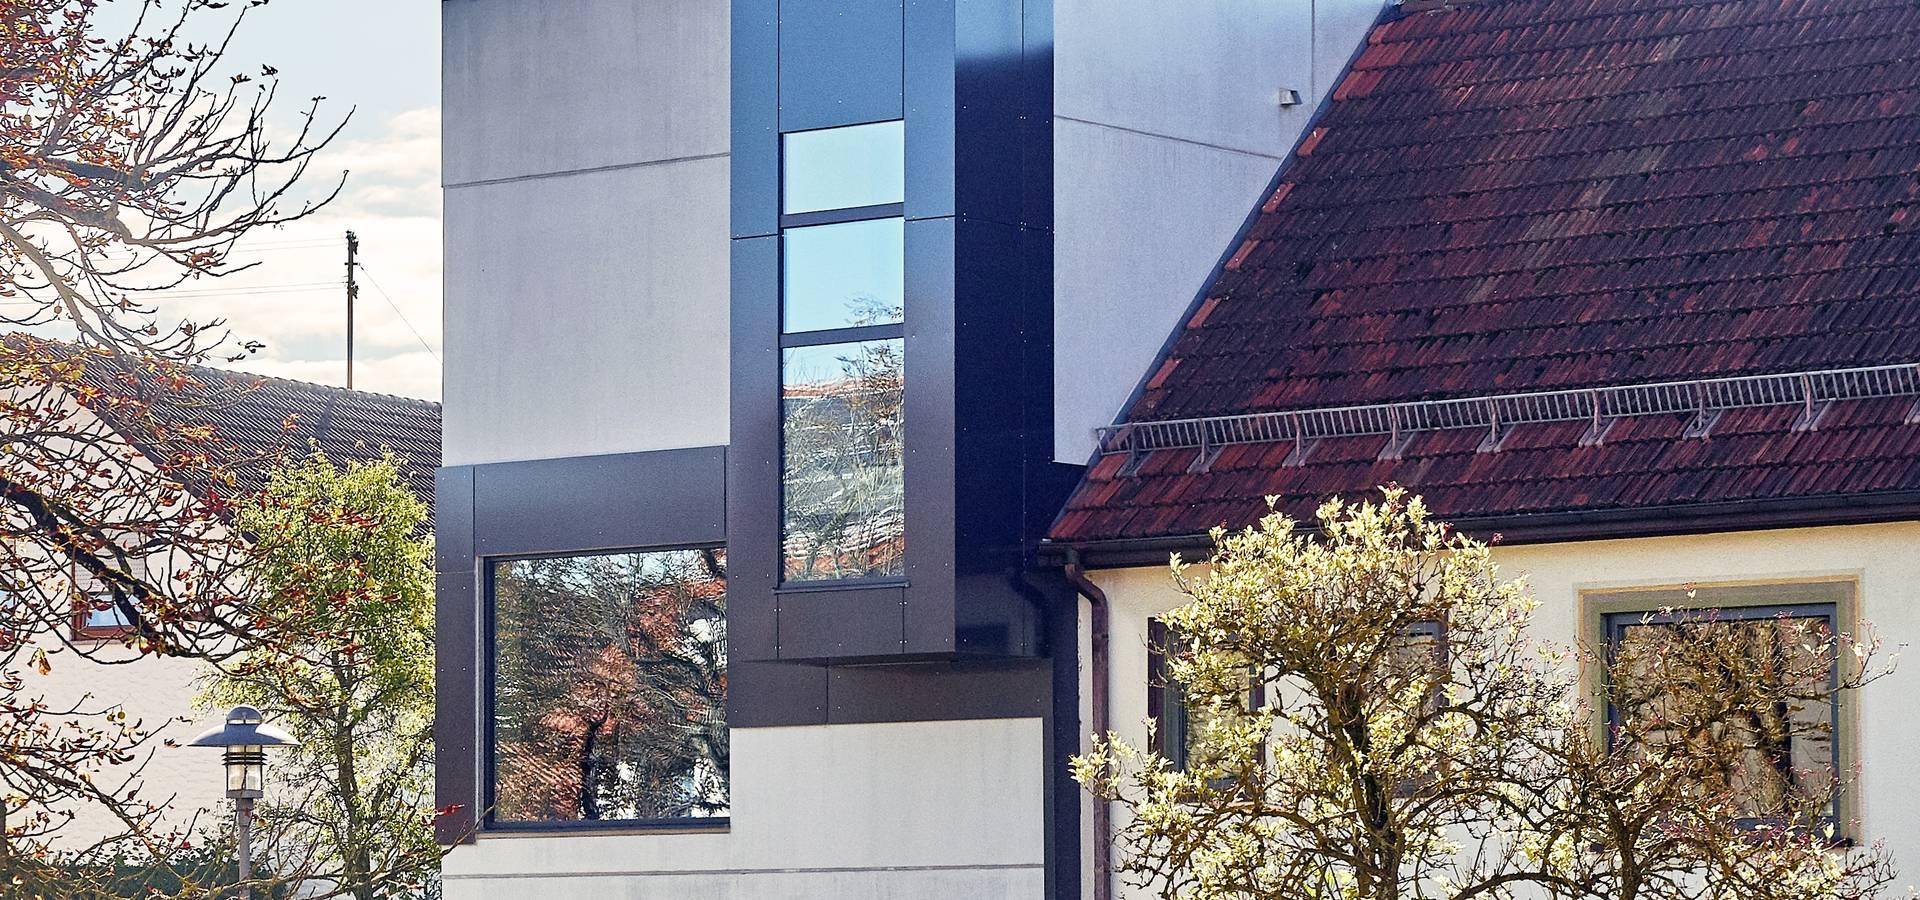 Otto kostenlos anrufen excellent bewerbung with otto for Bewerbung architekturburo